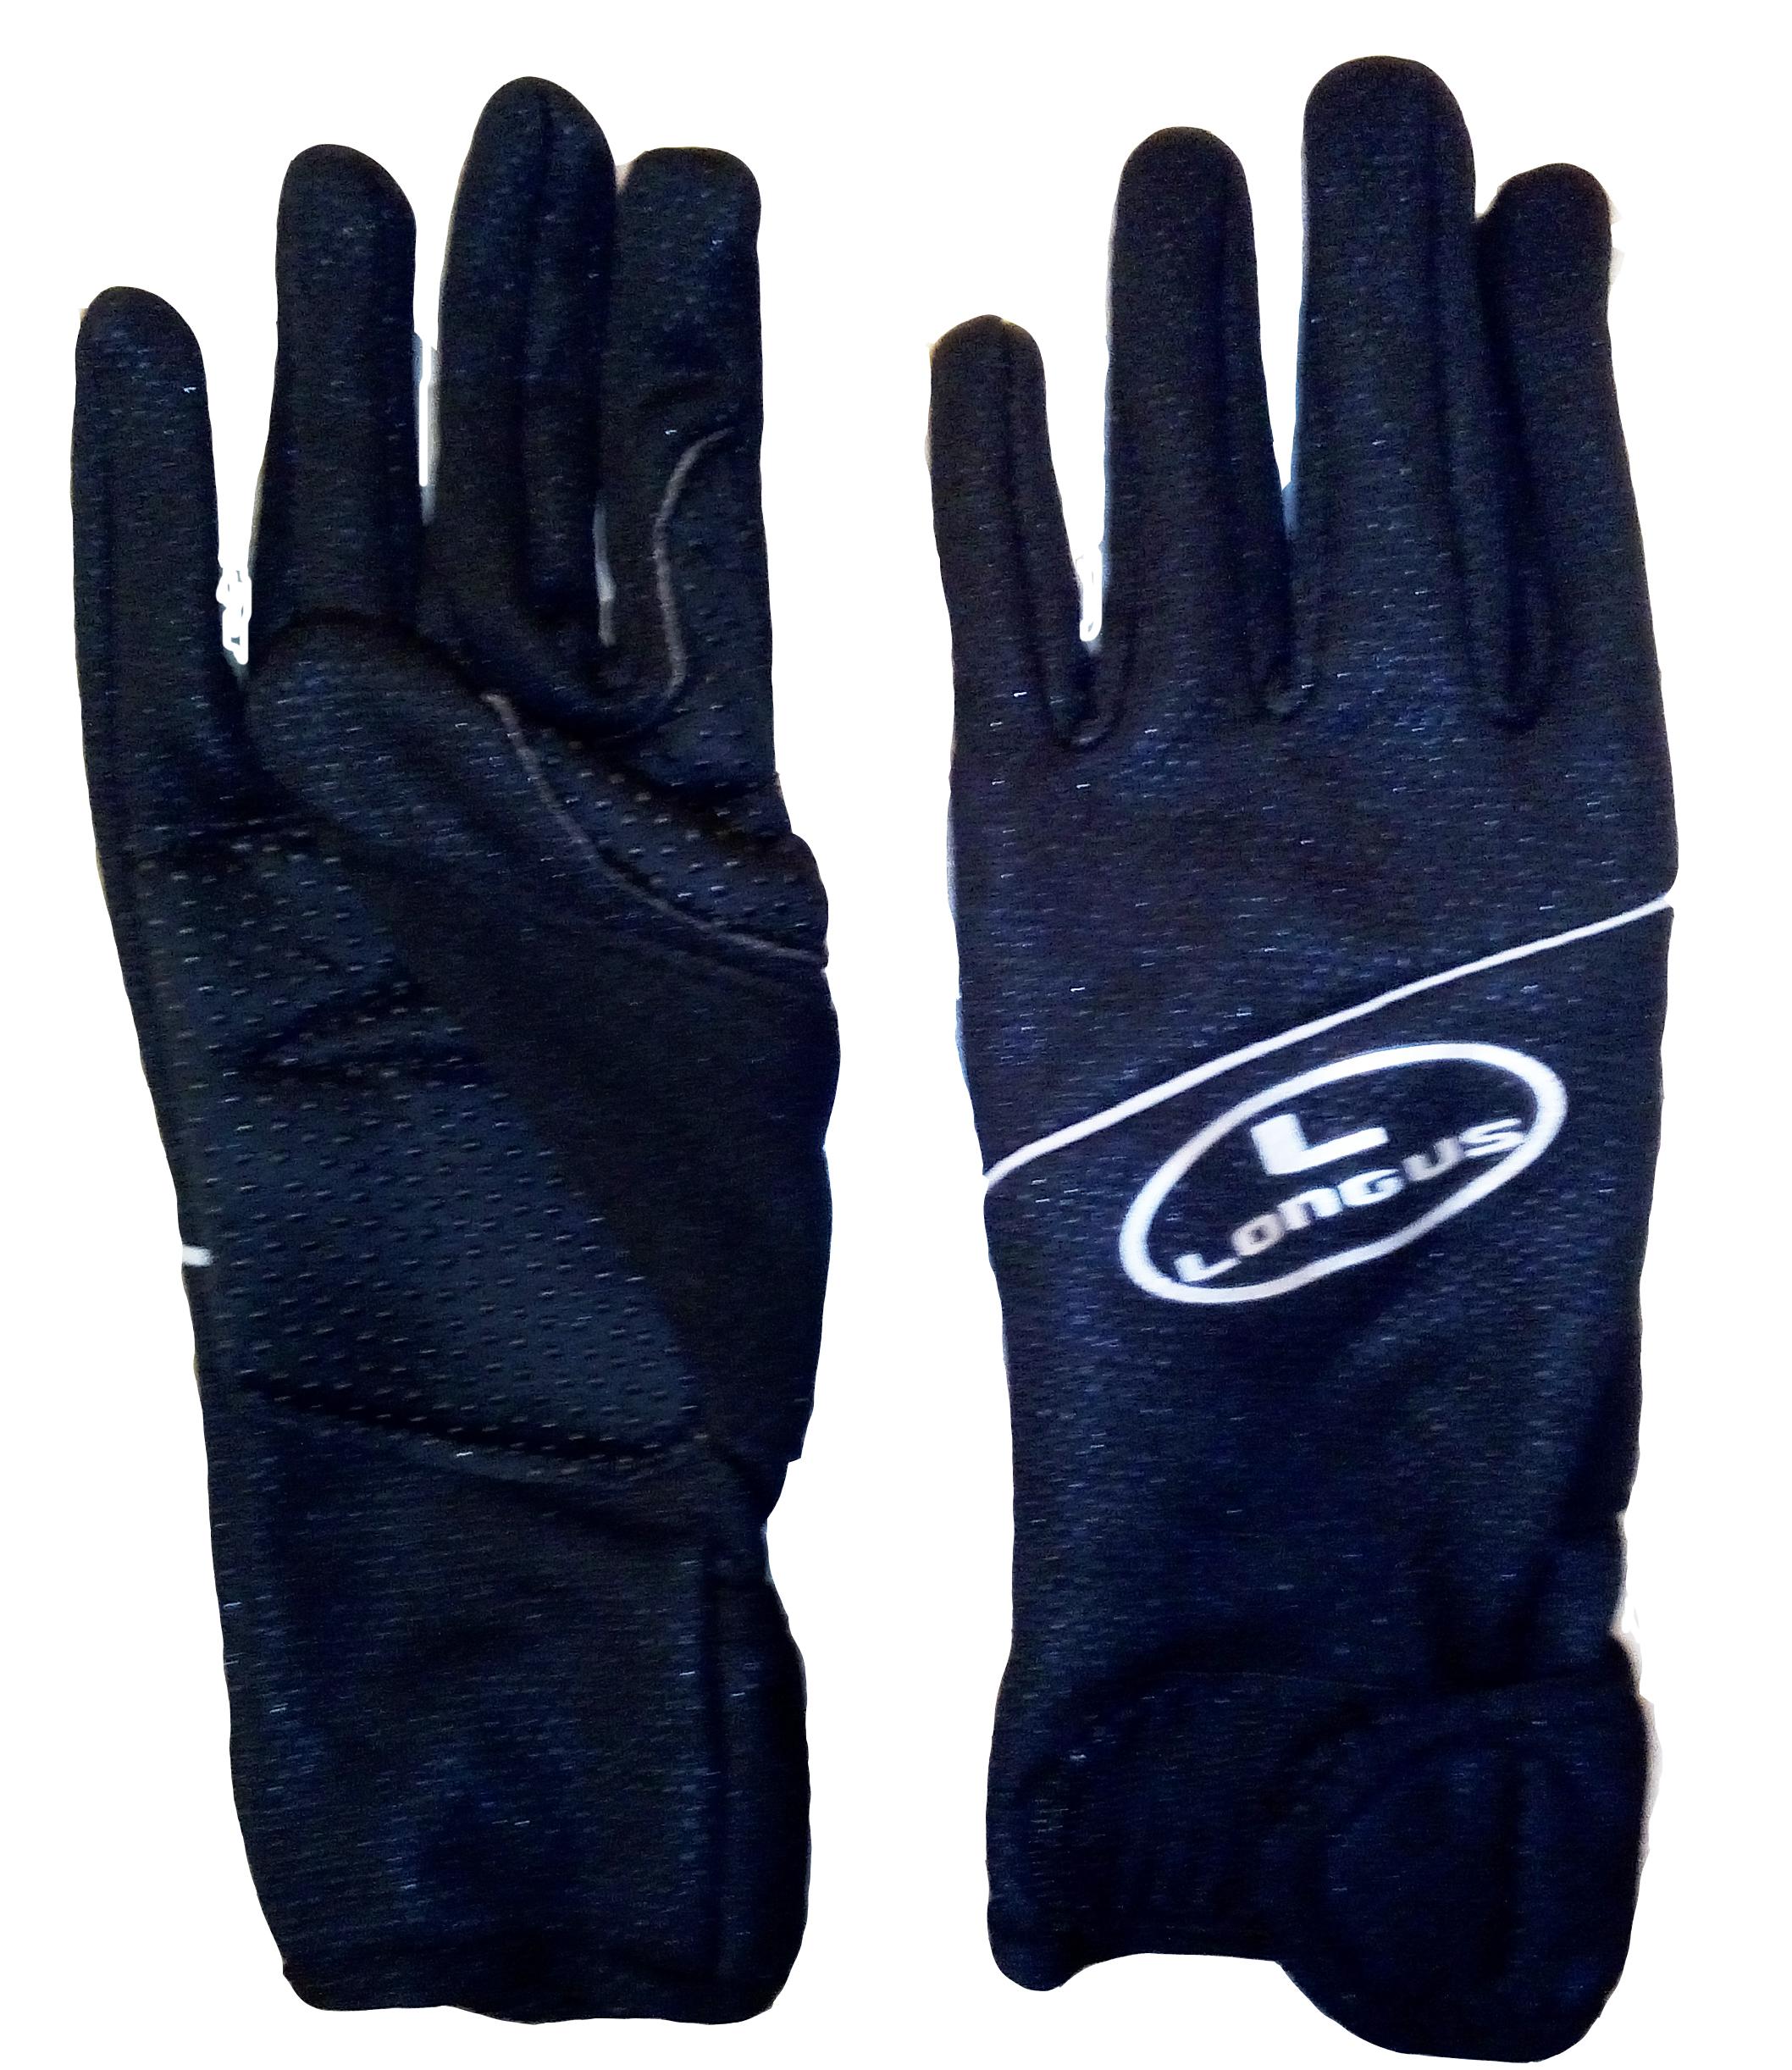 LONGUS zimní rukavice Winter,černé, M